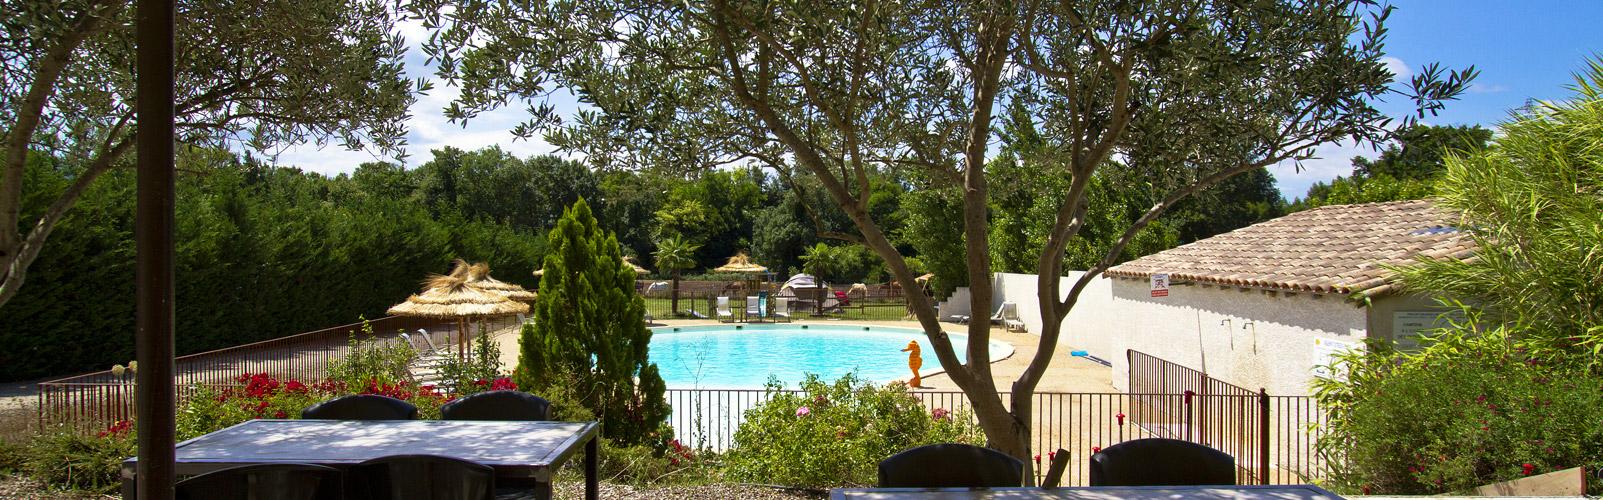 Ubicación y acceso a nuestro camping de Cazilhac en el Aude